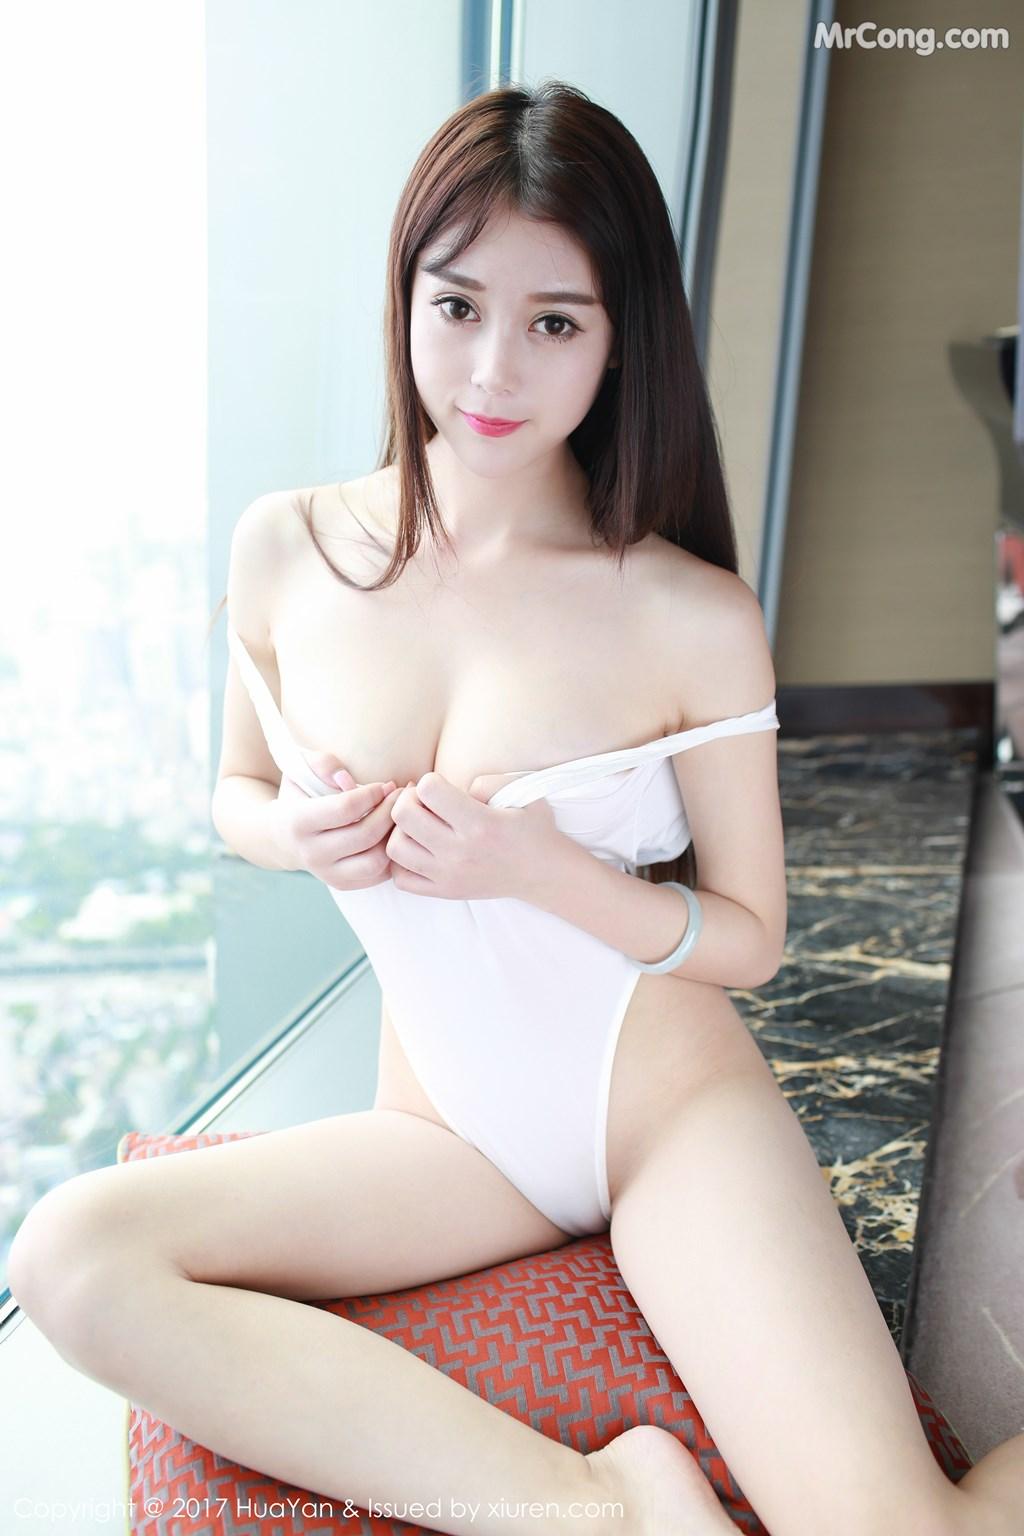 Image HuaYan-Vol.045-Kitty-Zhao-Xiaomi-MrCong.com-006 in post HuaYan Vol.045: Người mẫu Kitty Zhao Xiaomi (赵小米) (57 ảnh)